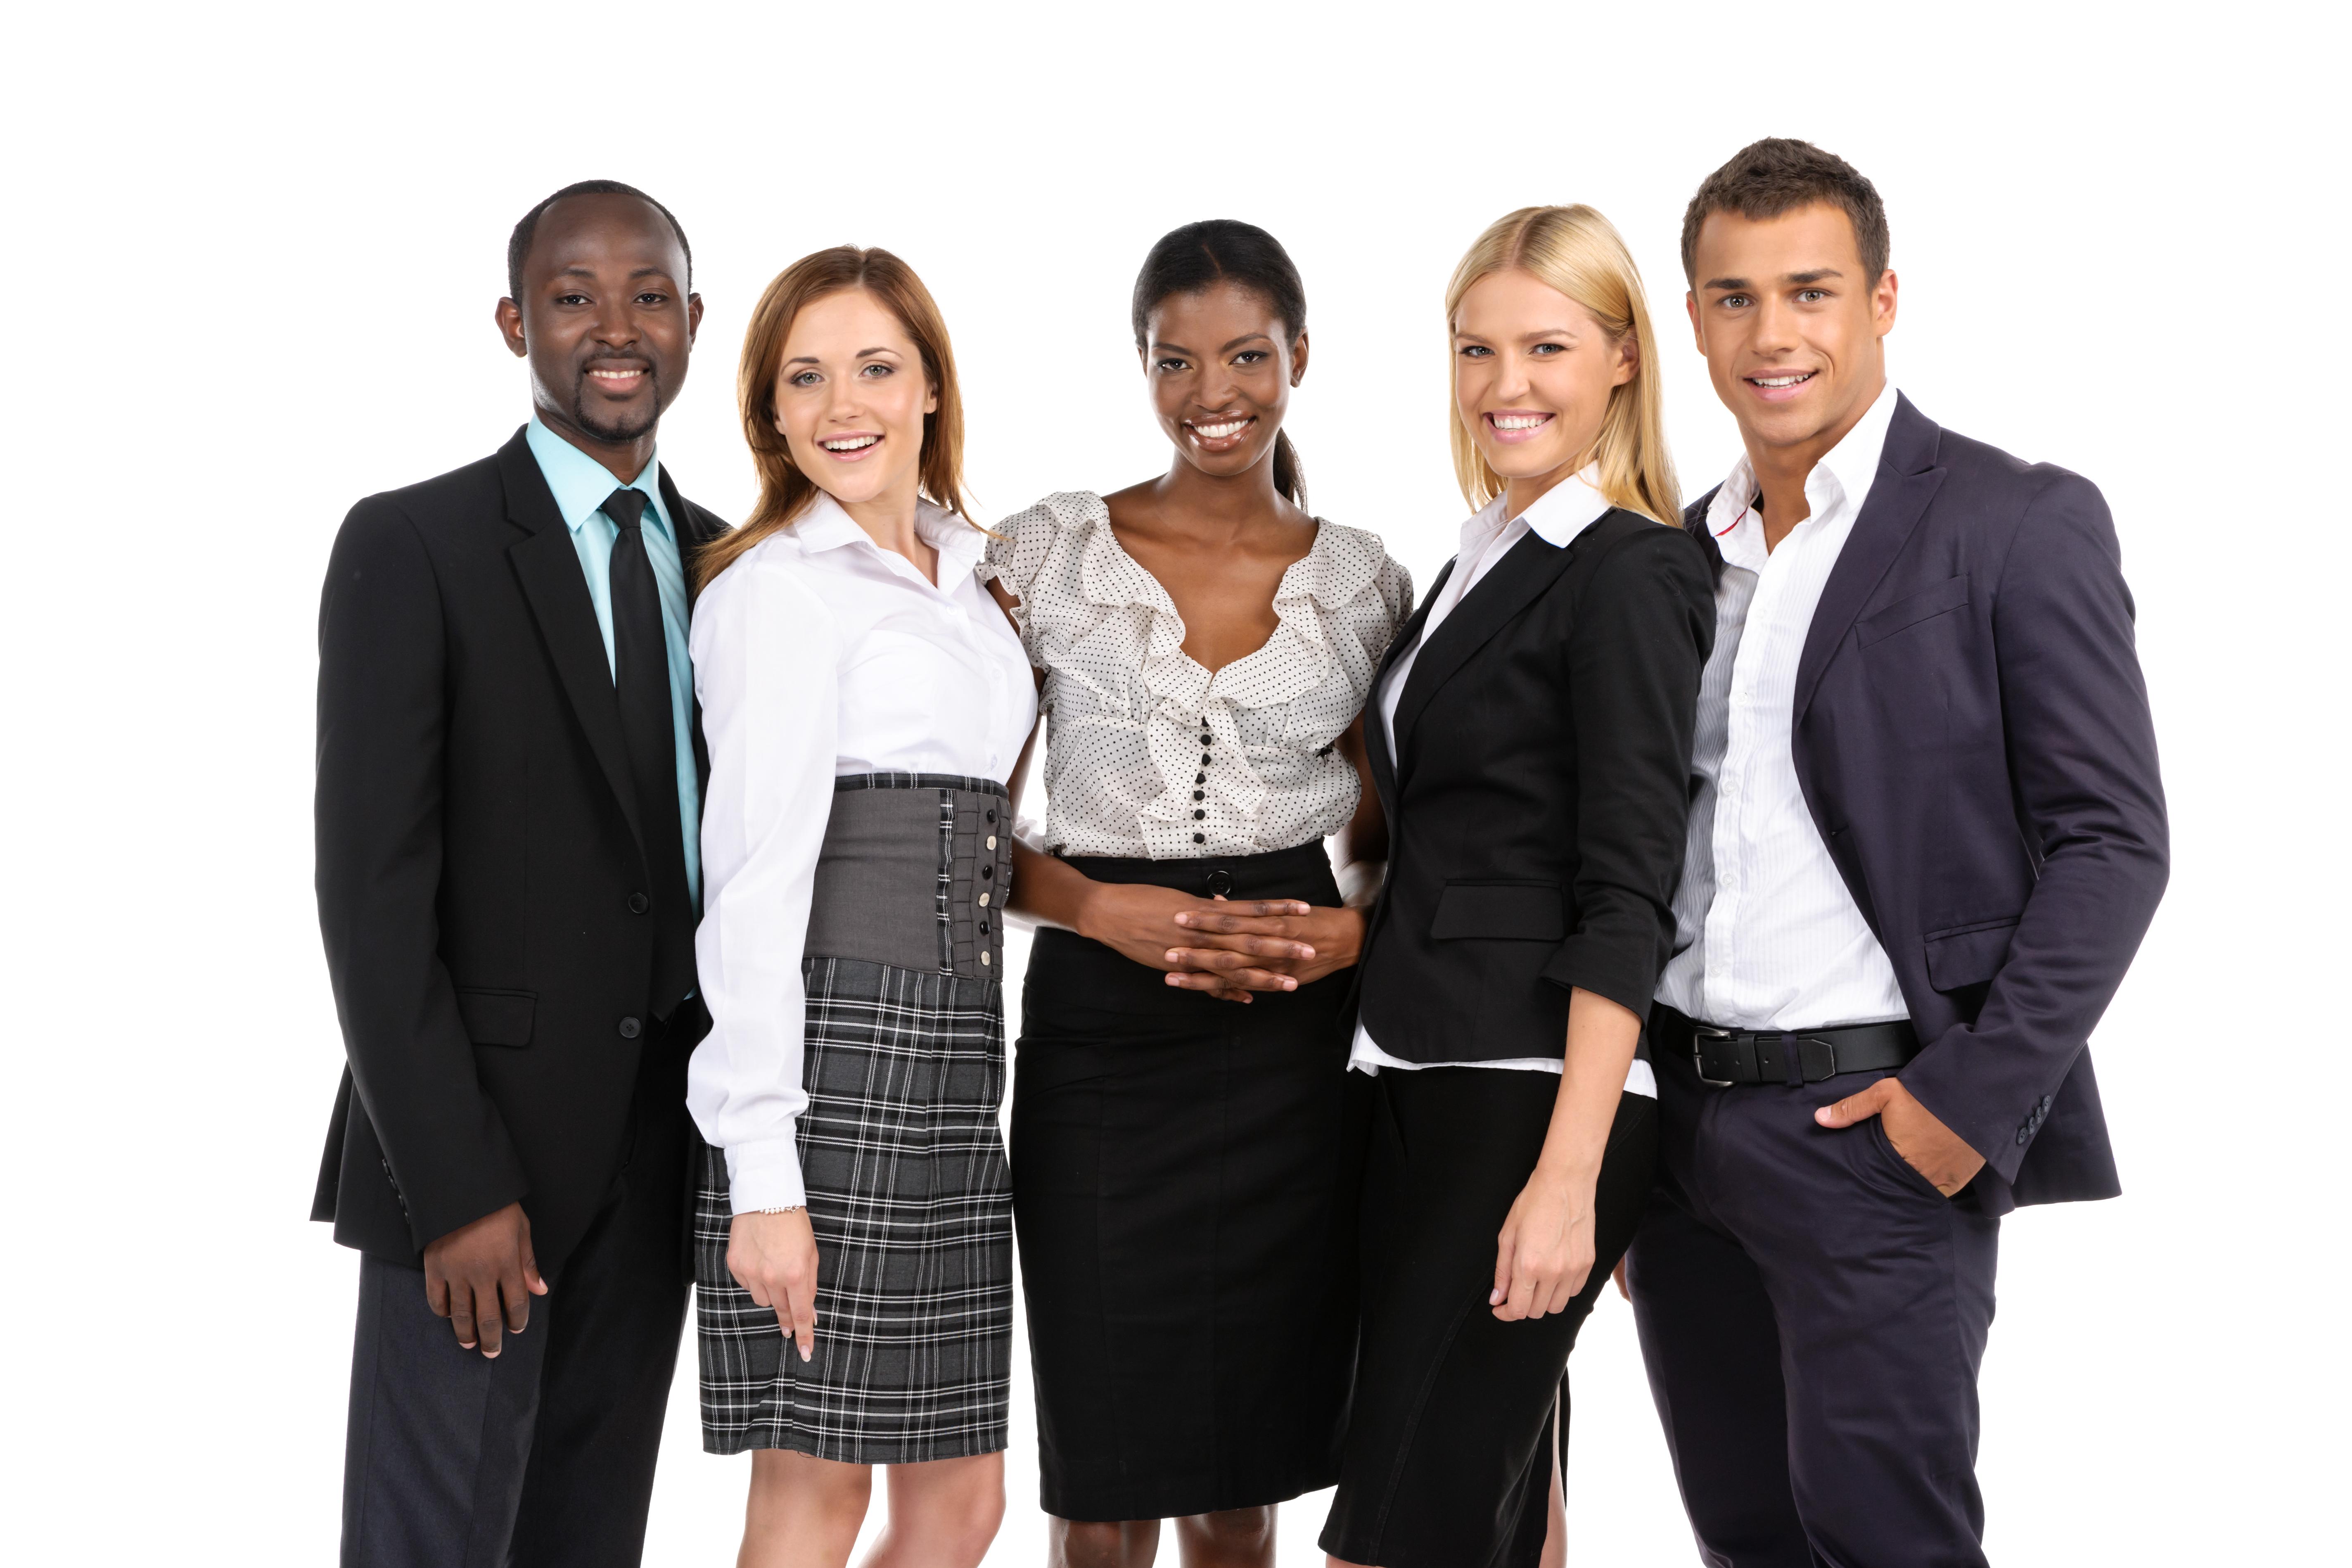 VFM Hiring Sales Professionals